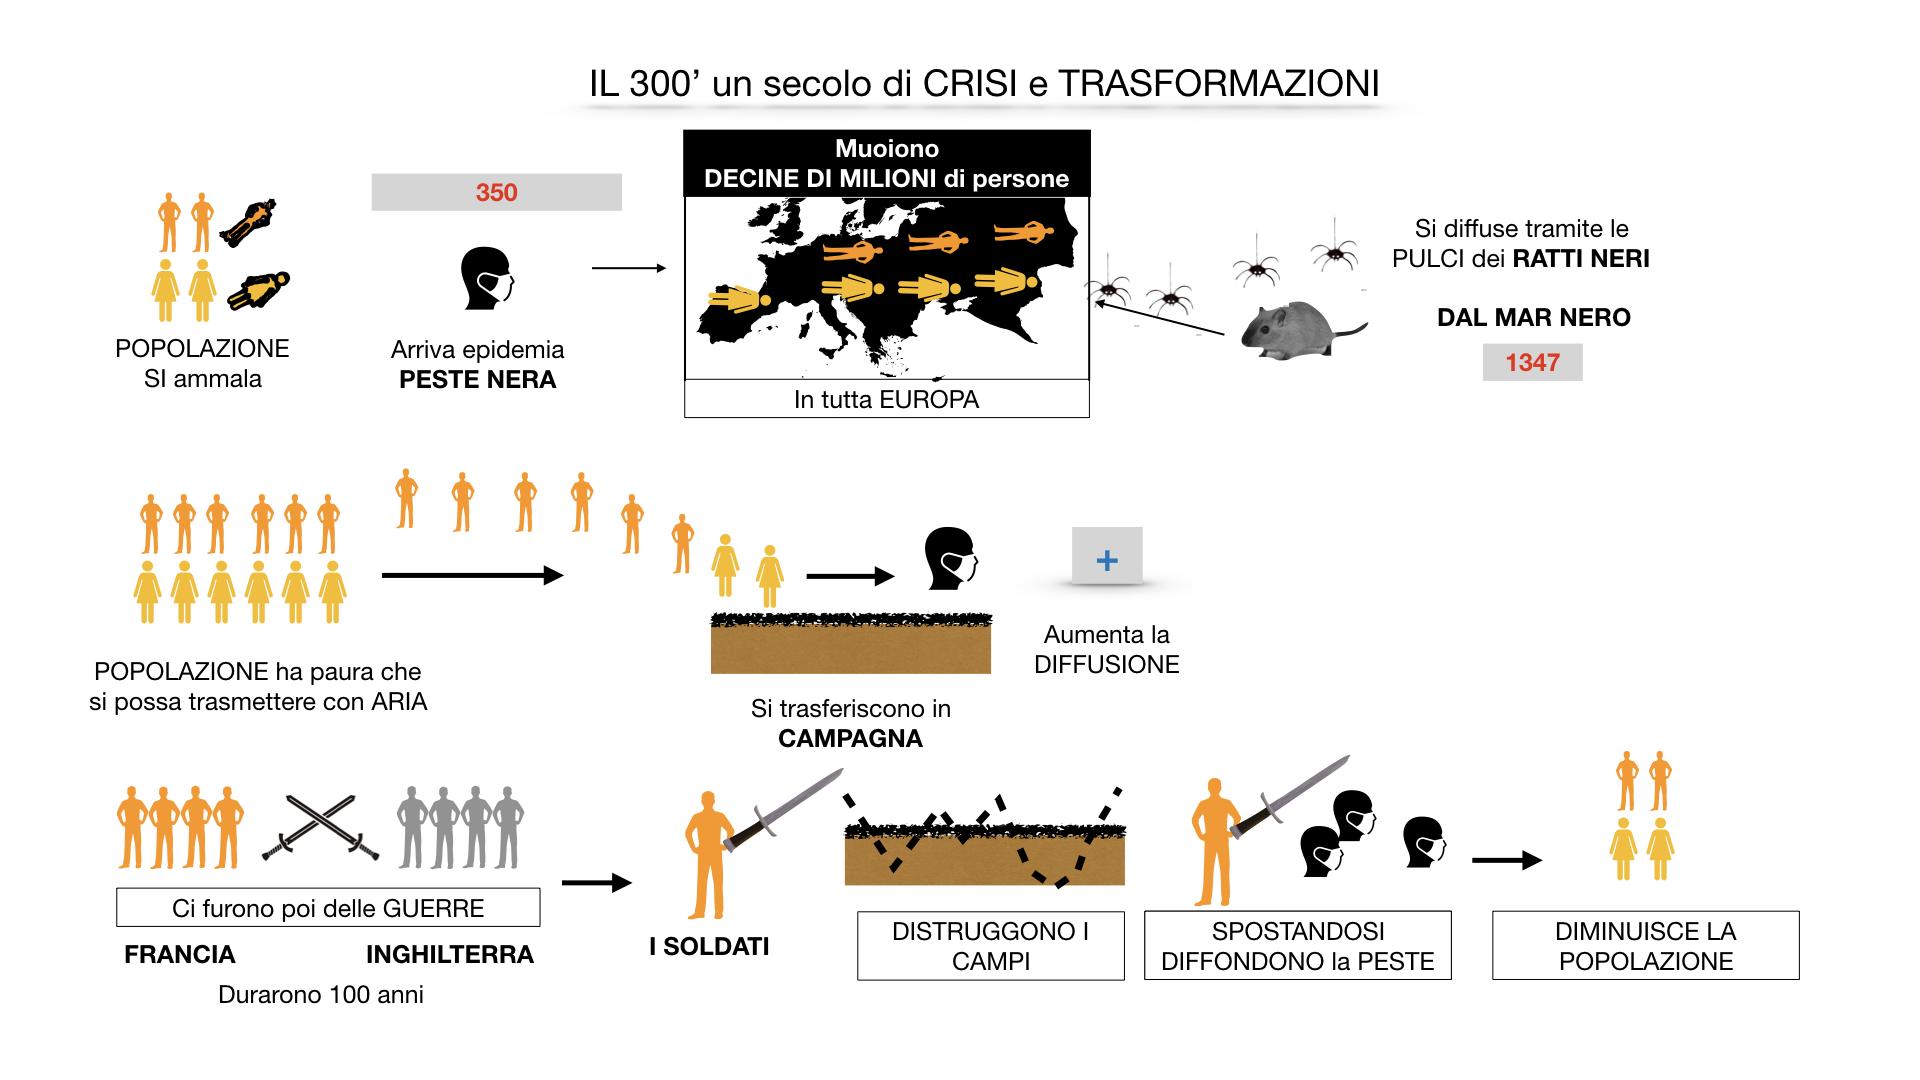 il 300 crisi e trasformazioni_ SIMULAZIONE.032